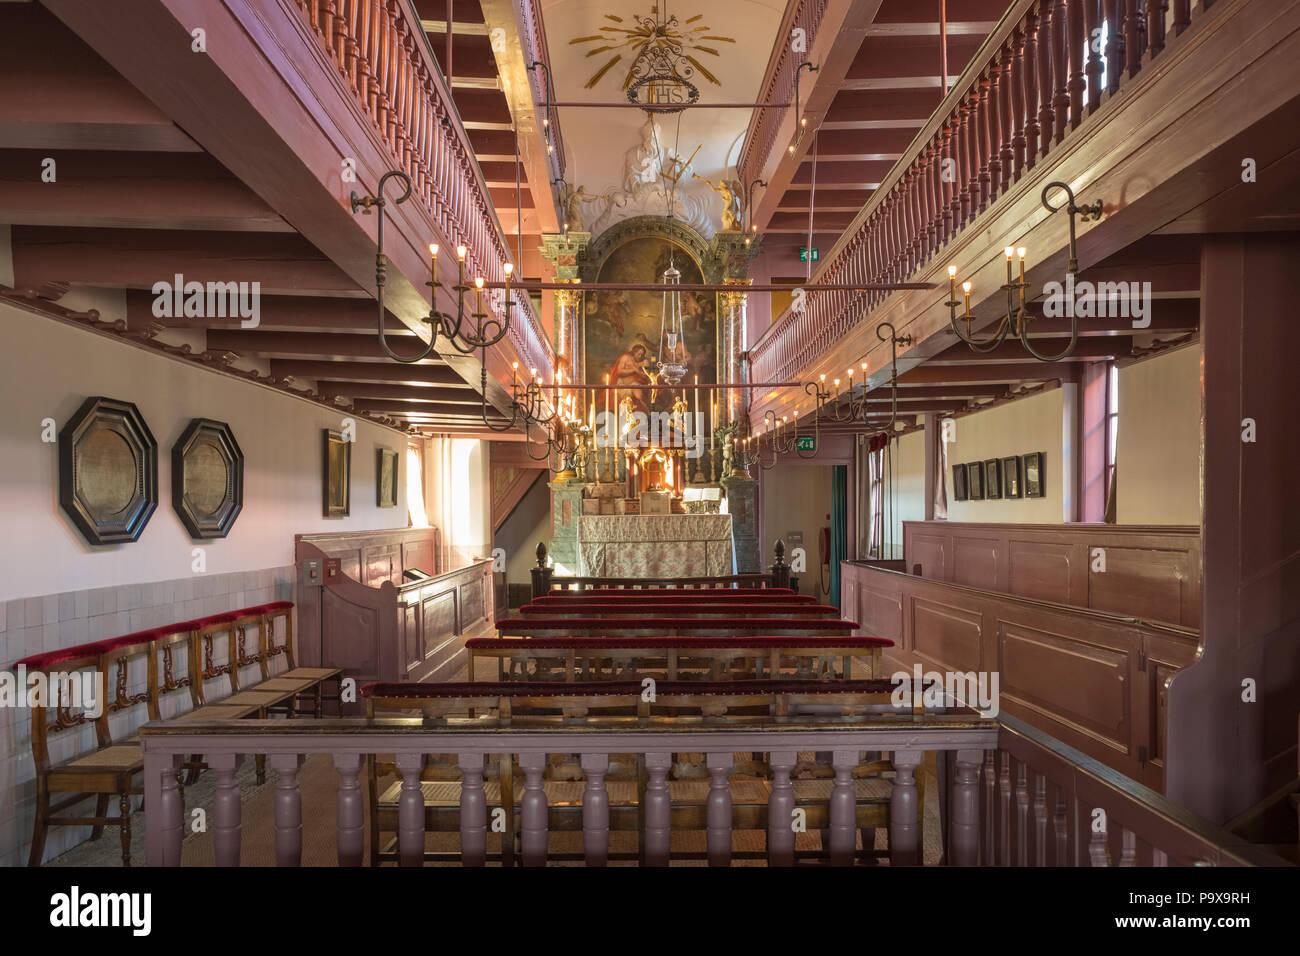 Ons Lieve Heer op soldadura, Nuestro Señor en el ático, una casa de la iglesia secreta abarcando tres adosados en Amsterdam, Países Bajos, Holanda, Europa Imagen De Stock